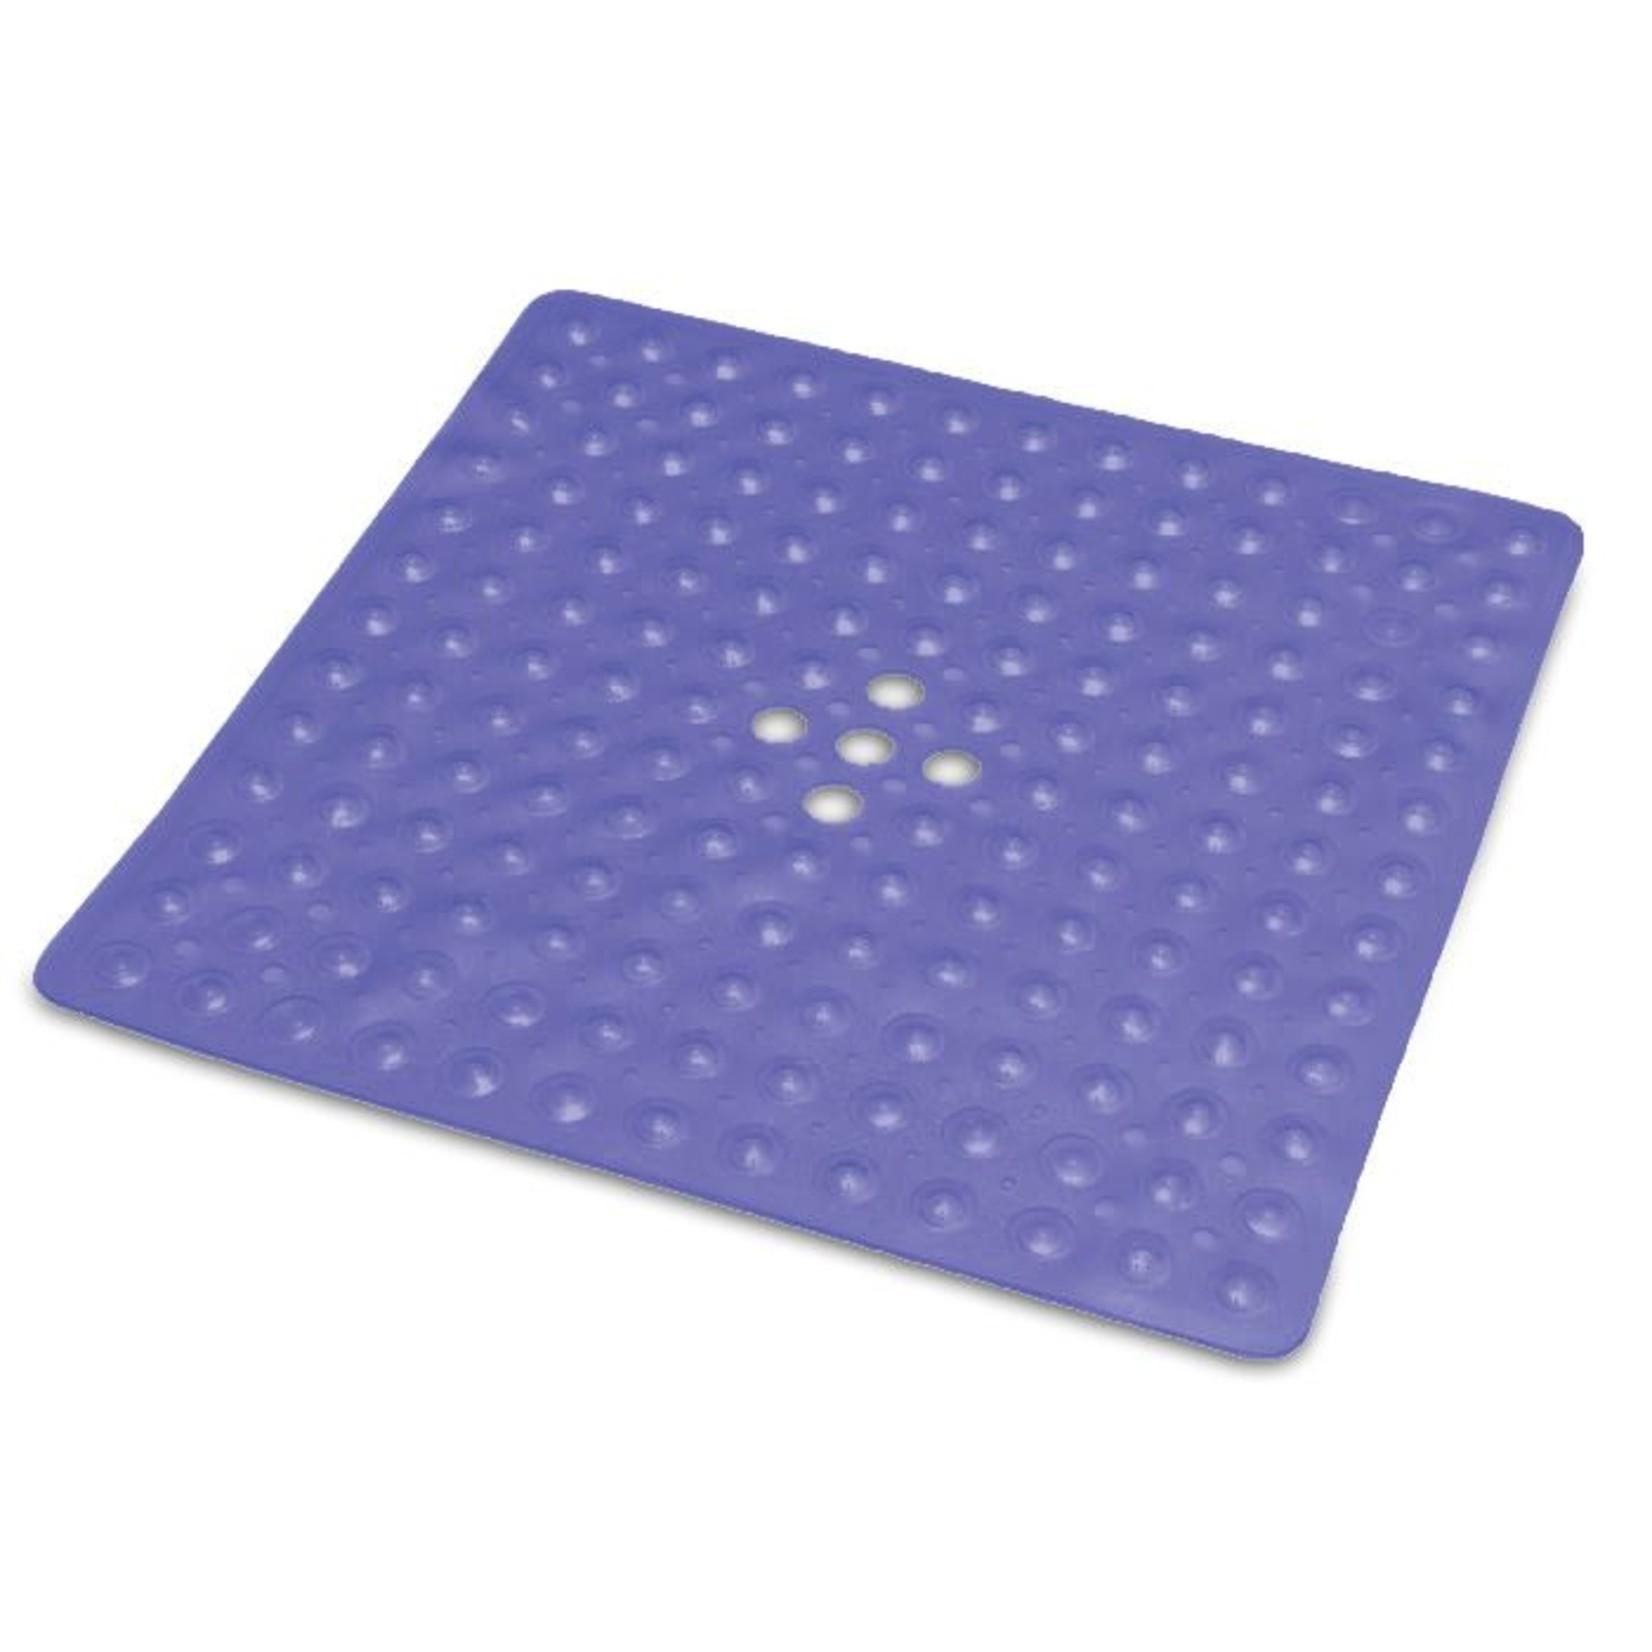 Essential Medical Bath Mat 20x20 Ctr Drain - BLUE